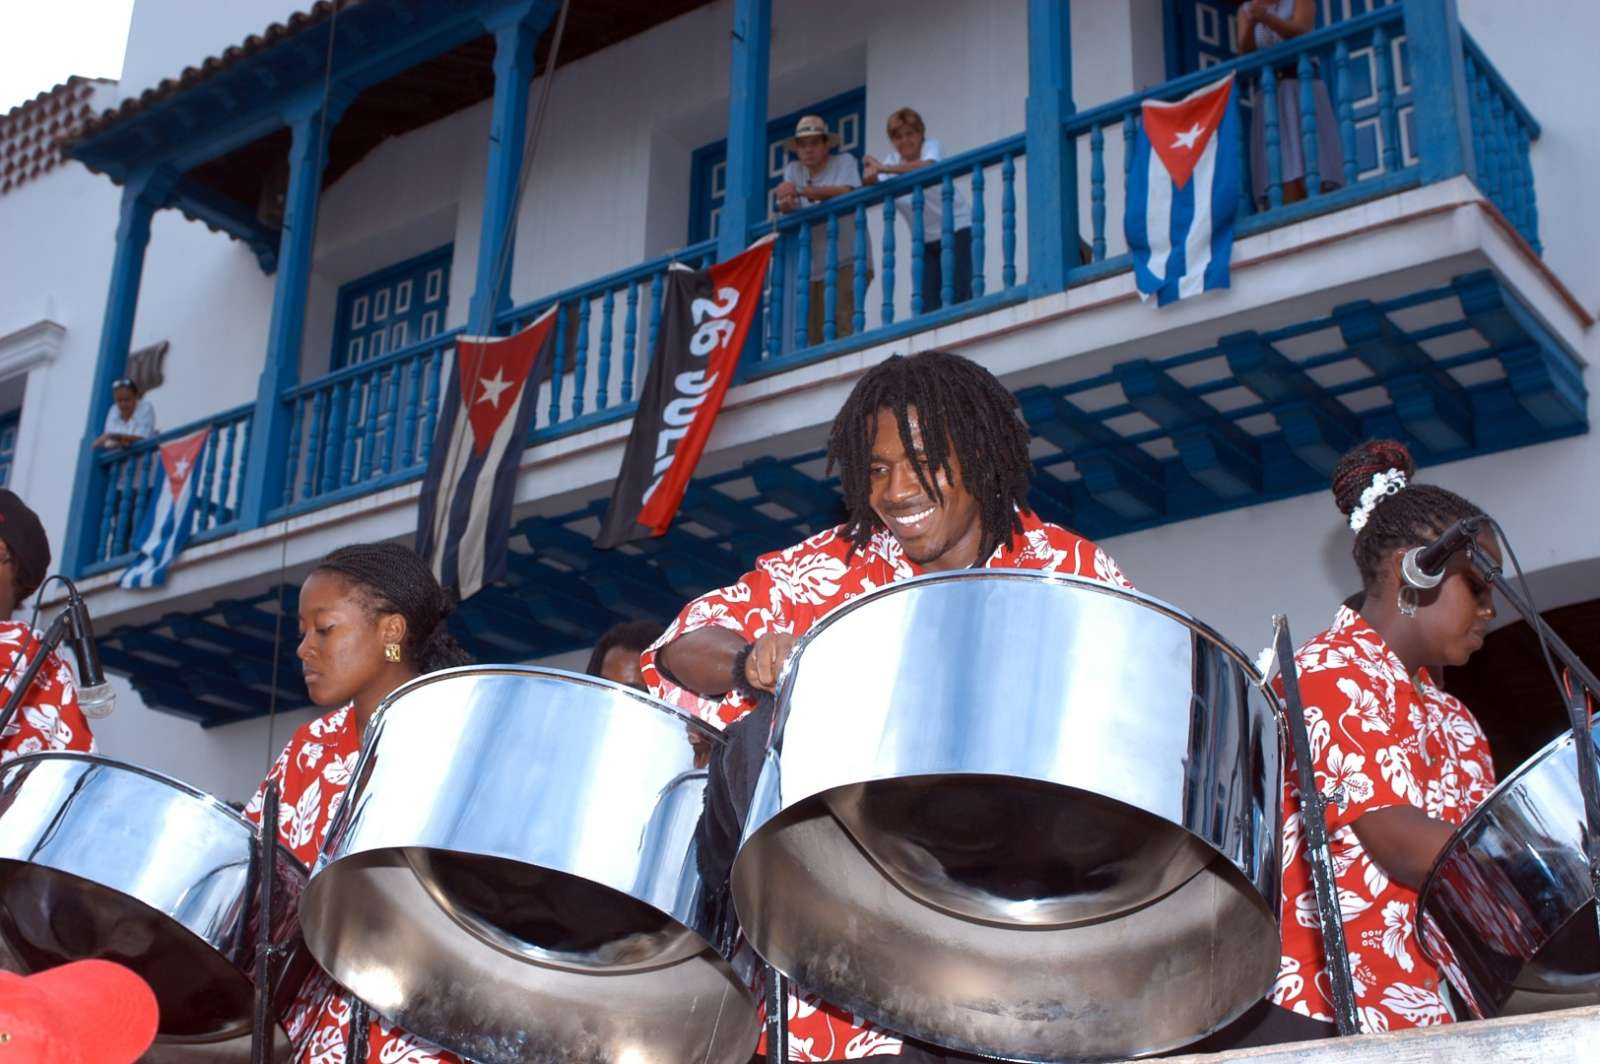 Steel band in Santiago de Cuba